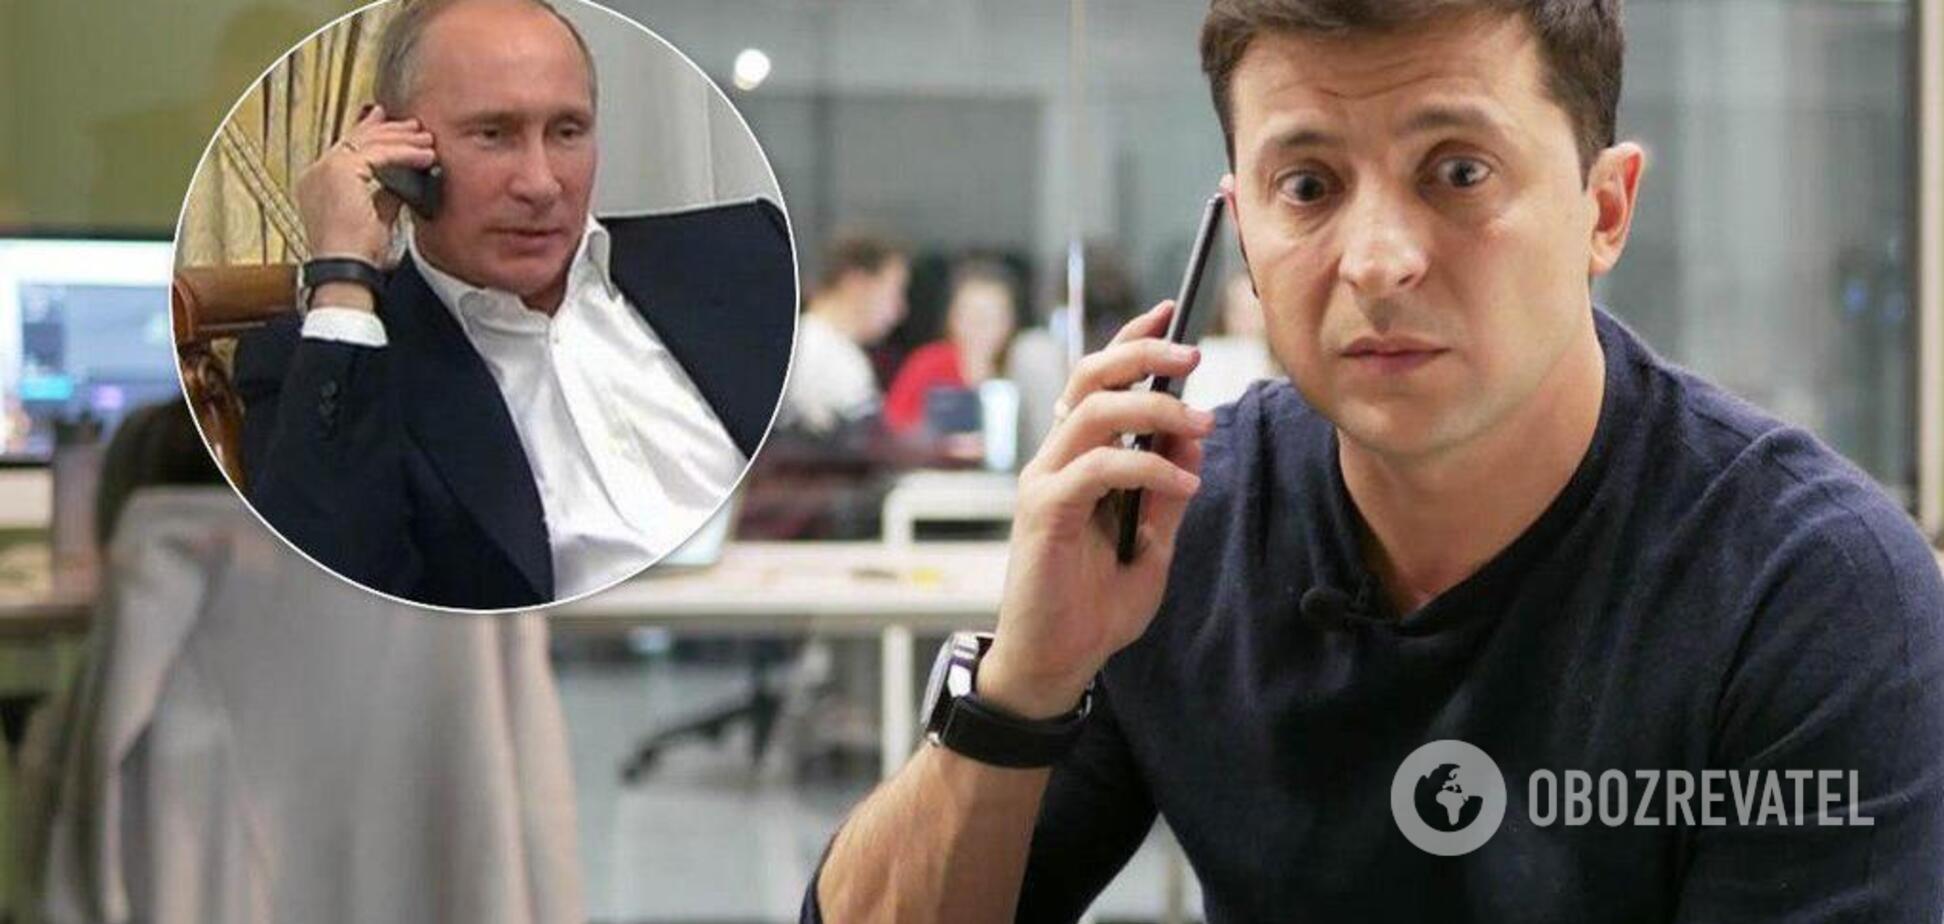 'Не сдадим!' У Зеленского приоткрыли детали 'сделки' с Путиным